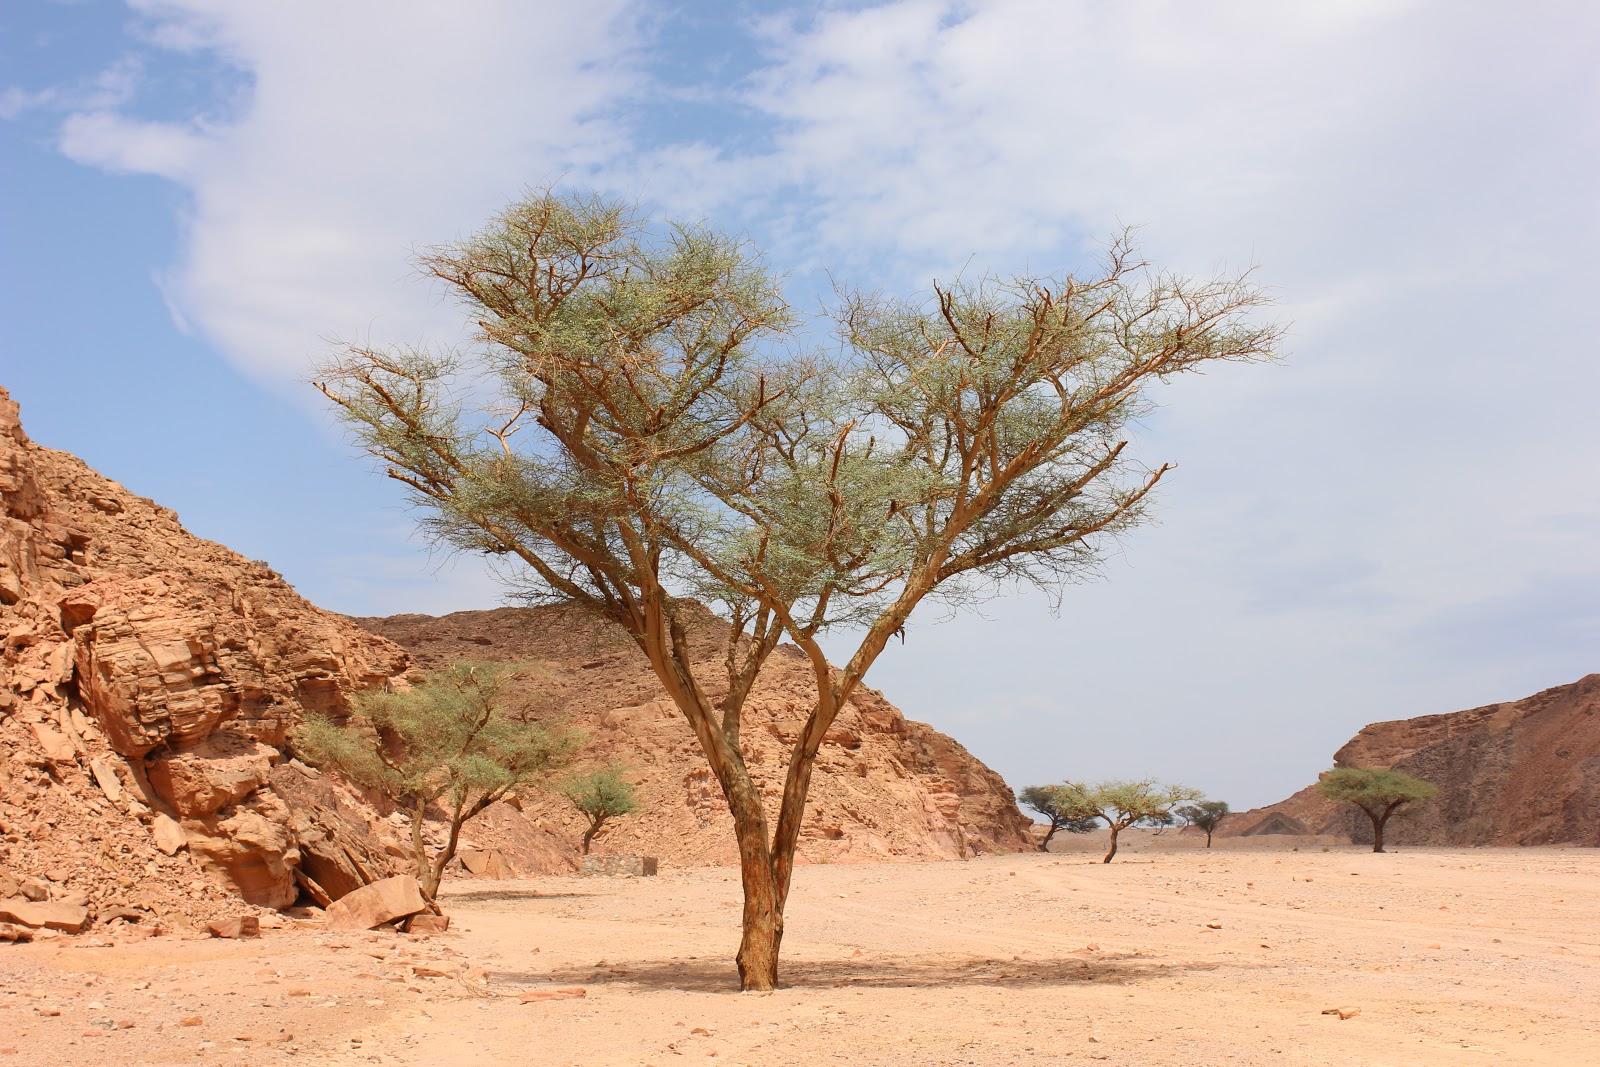 アインカドラ砂漠オアシスのアカシアの木